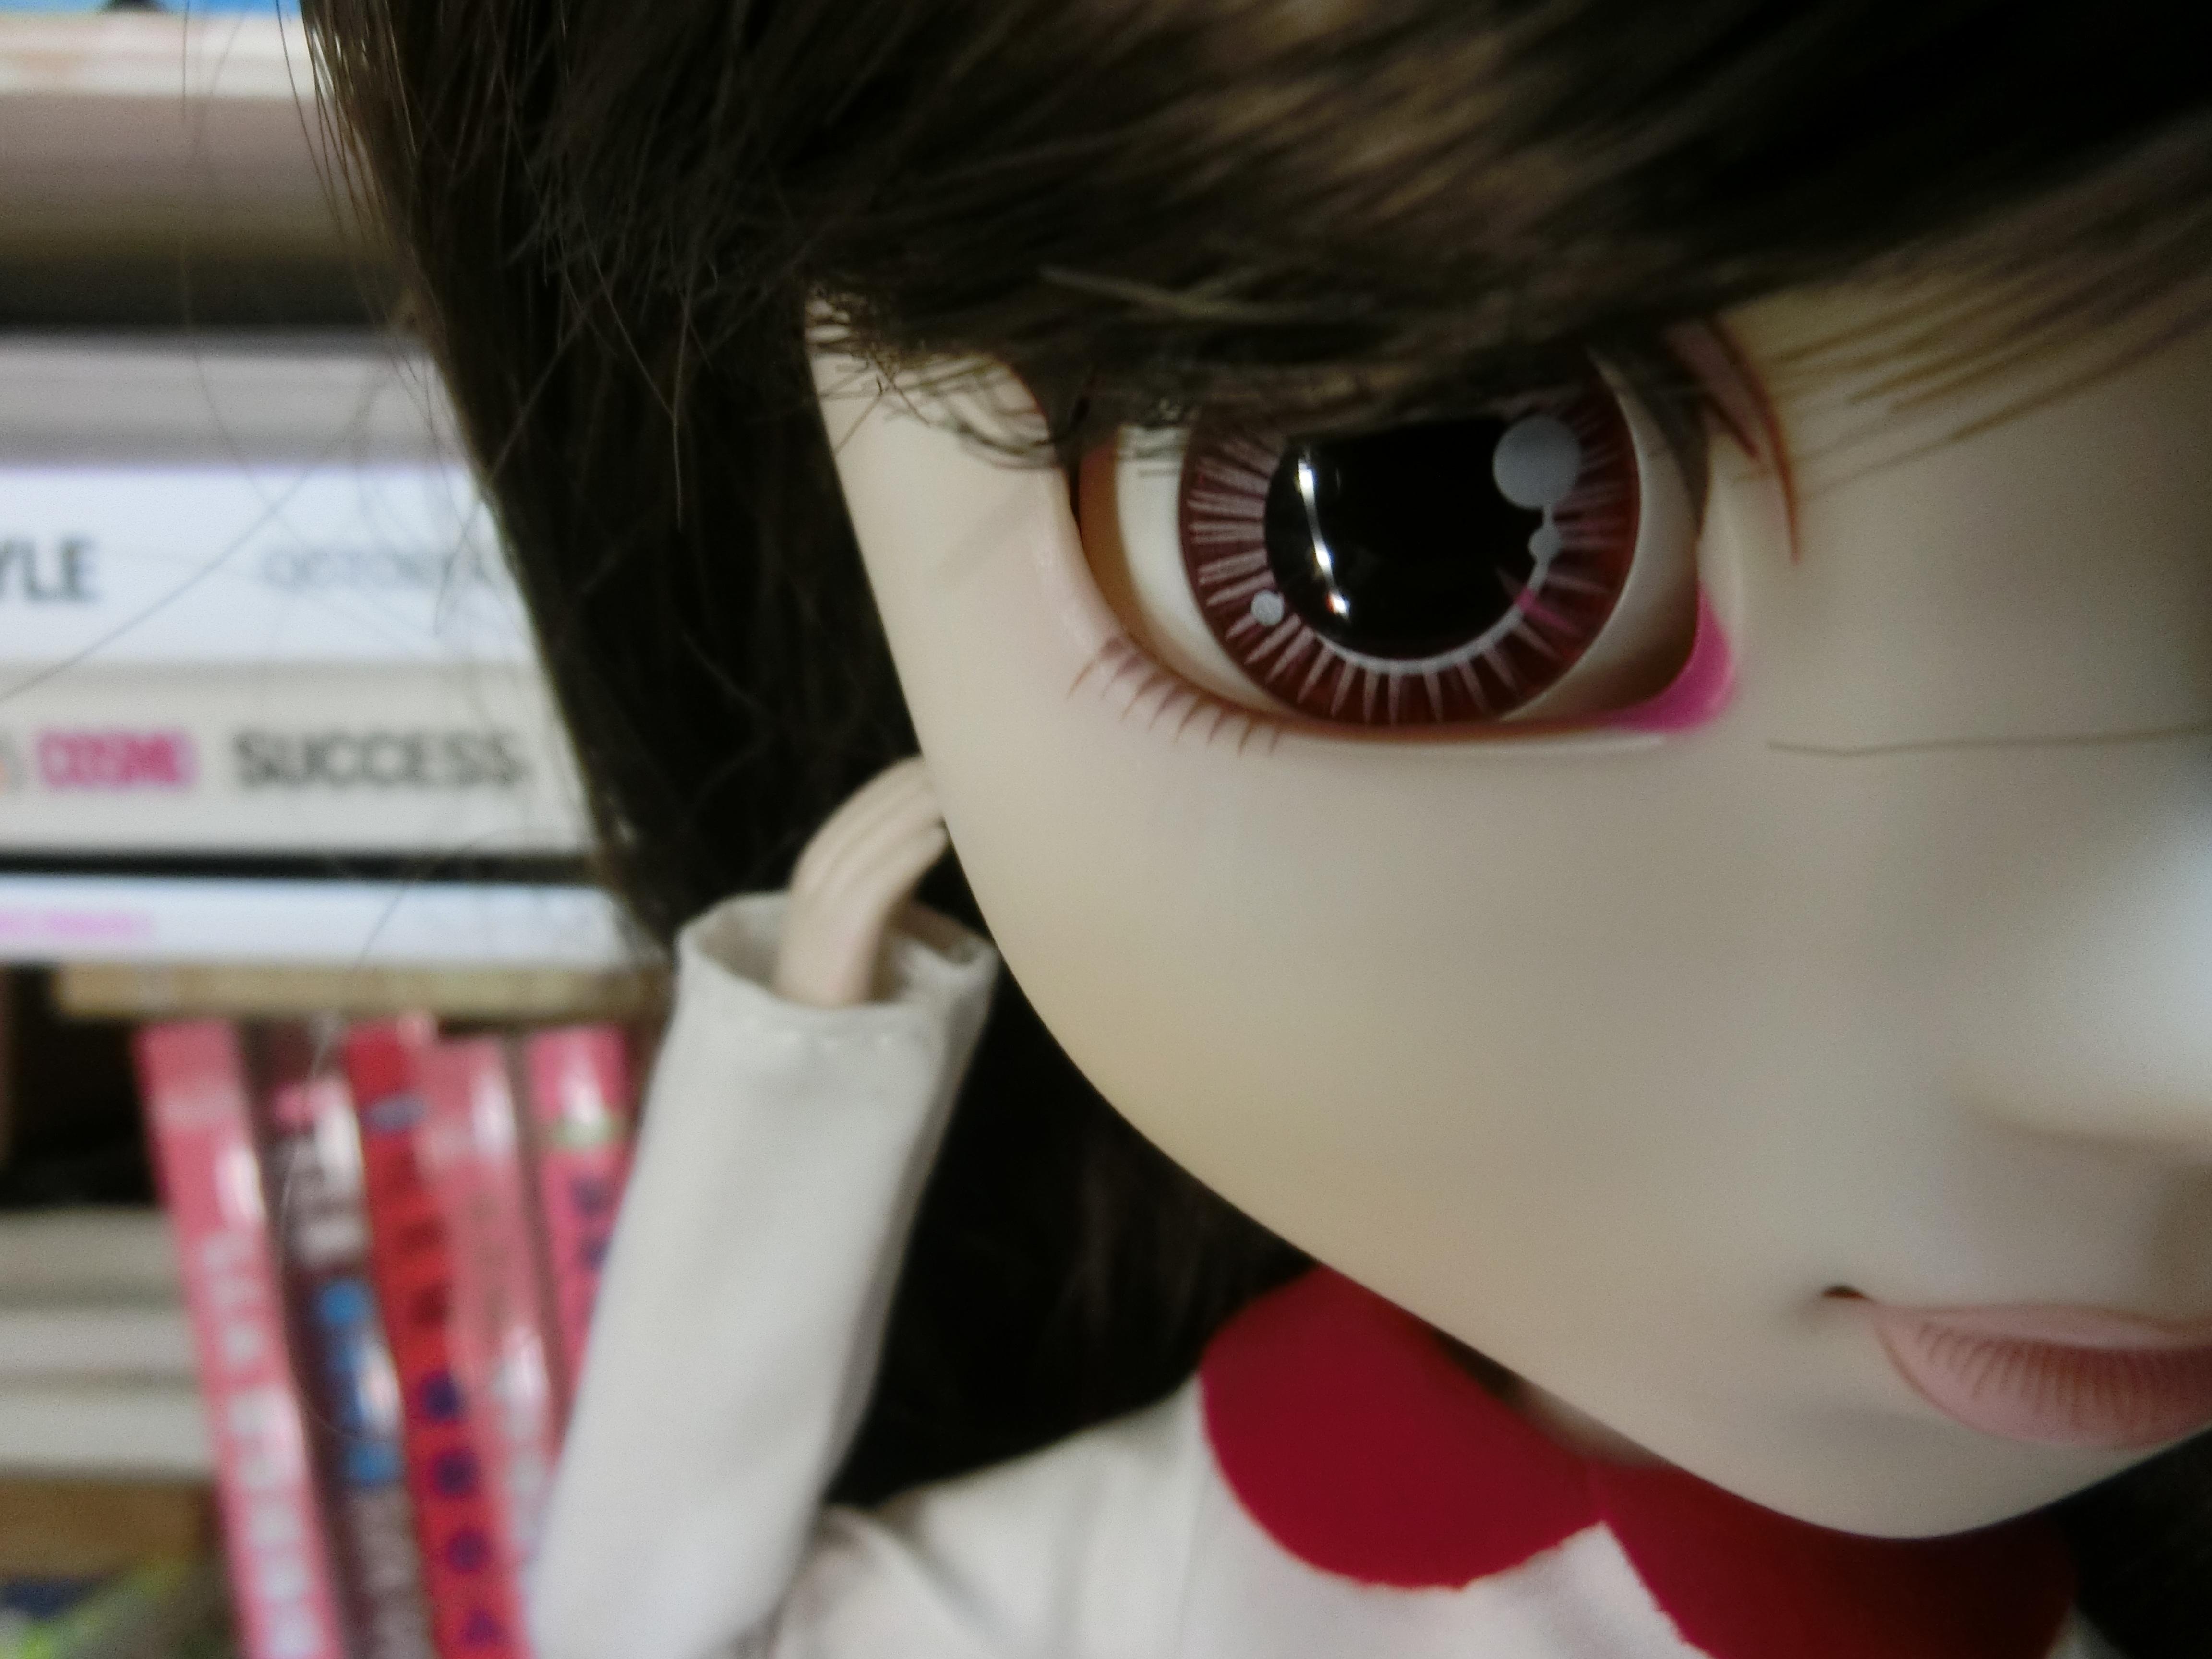 Gadis Putih Imut Merah Warna Asia Mainan Bibir Merapatkan Tubuh Manusia Menghadapi Boneka Hidung Mata